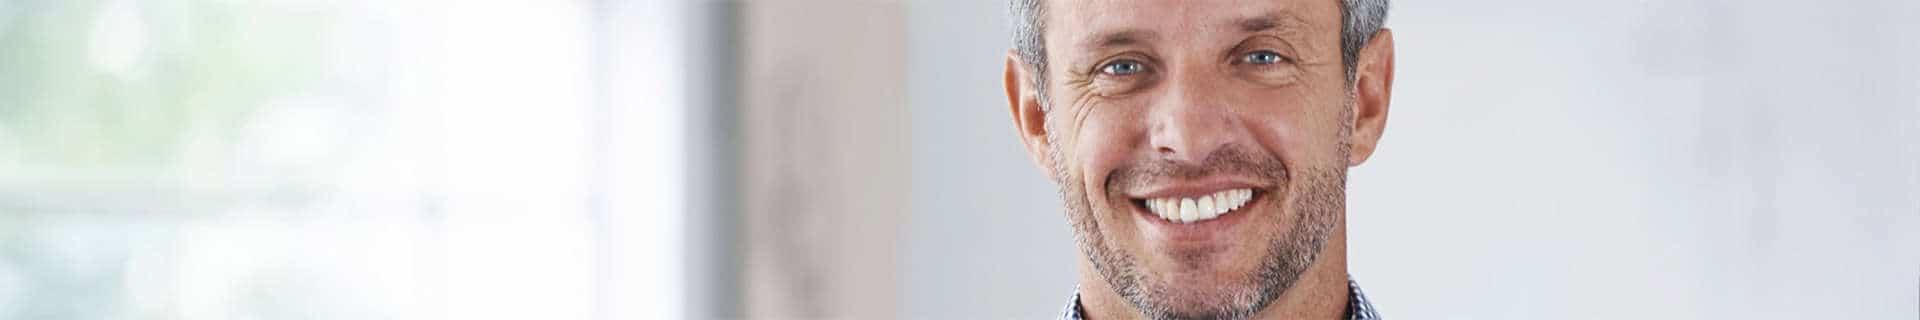 Massage Therapist Insurance Property Assets